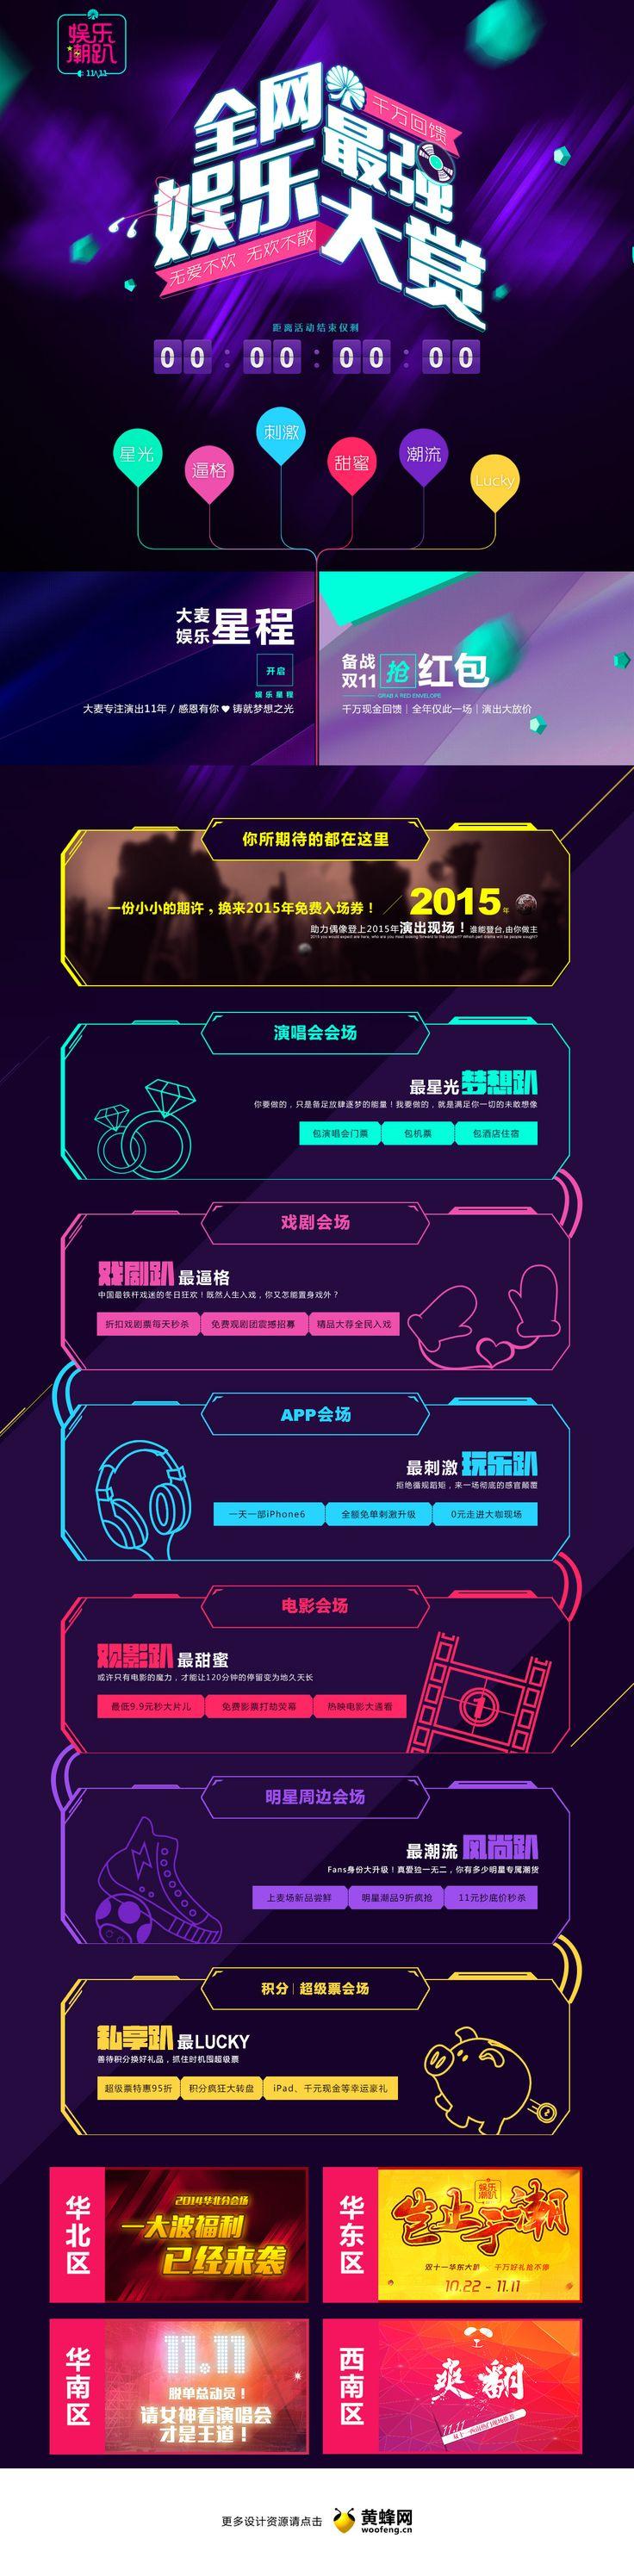 2014 보리 순 엔터테인먼트 조류의 주요 장소를 거짓말 - 보리 항목, 말벌 순 http://woofeng.cn/에서 소스